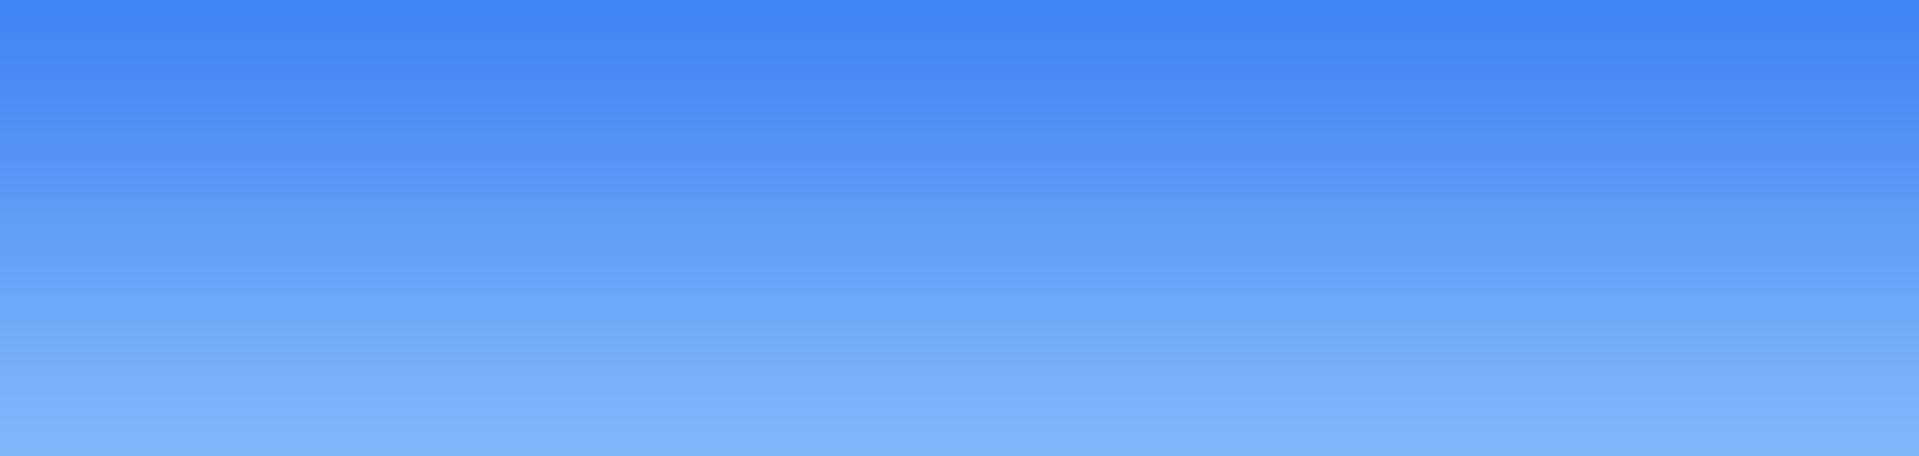 contact-bg-blue